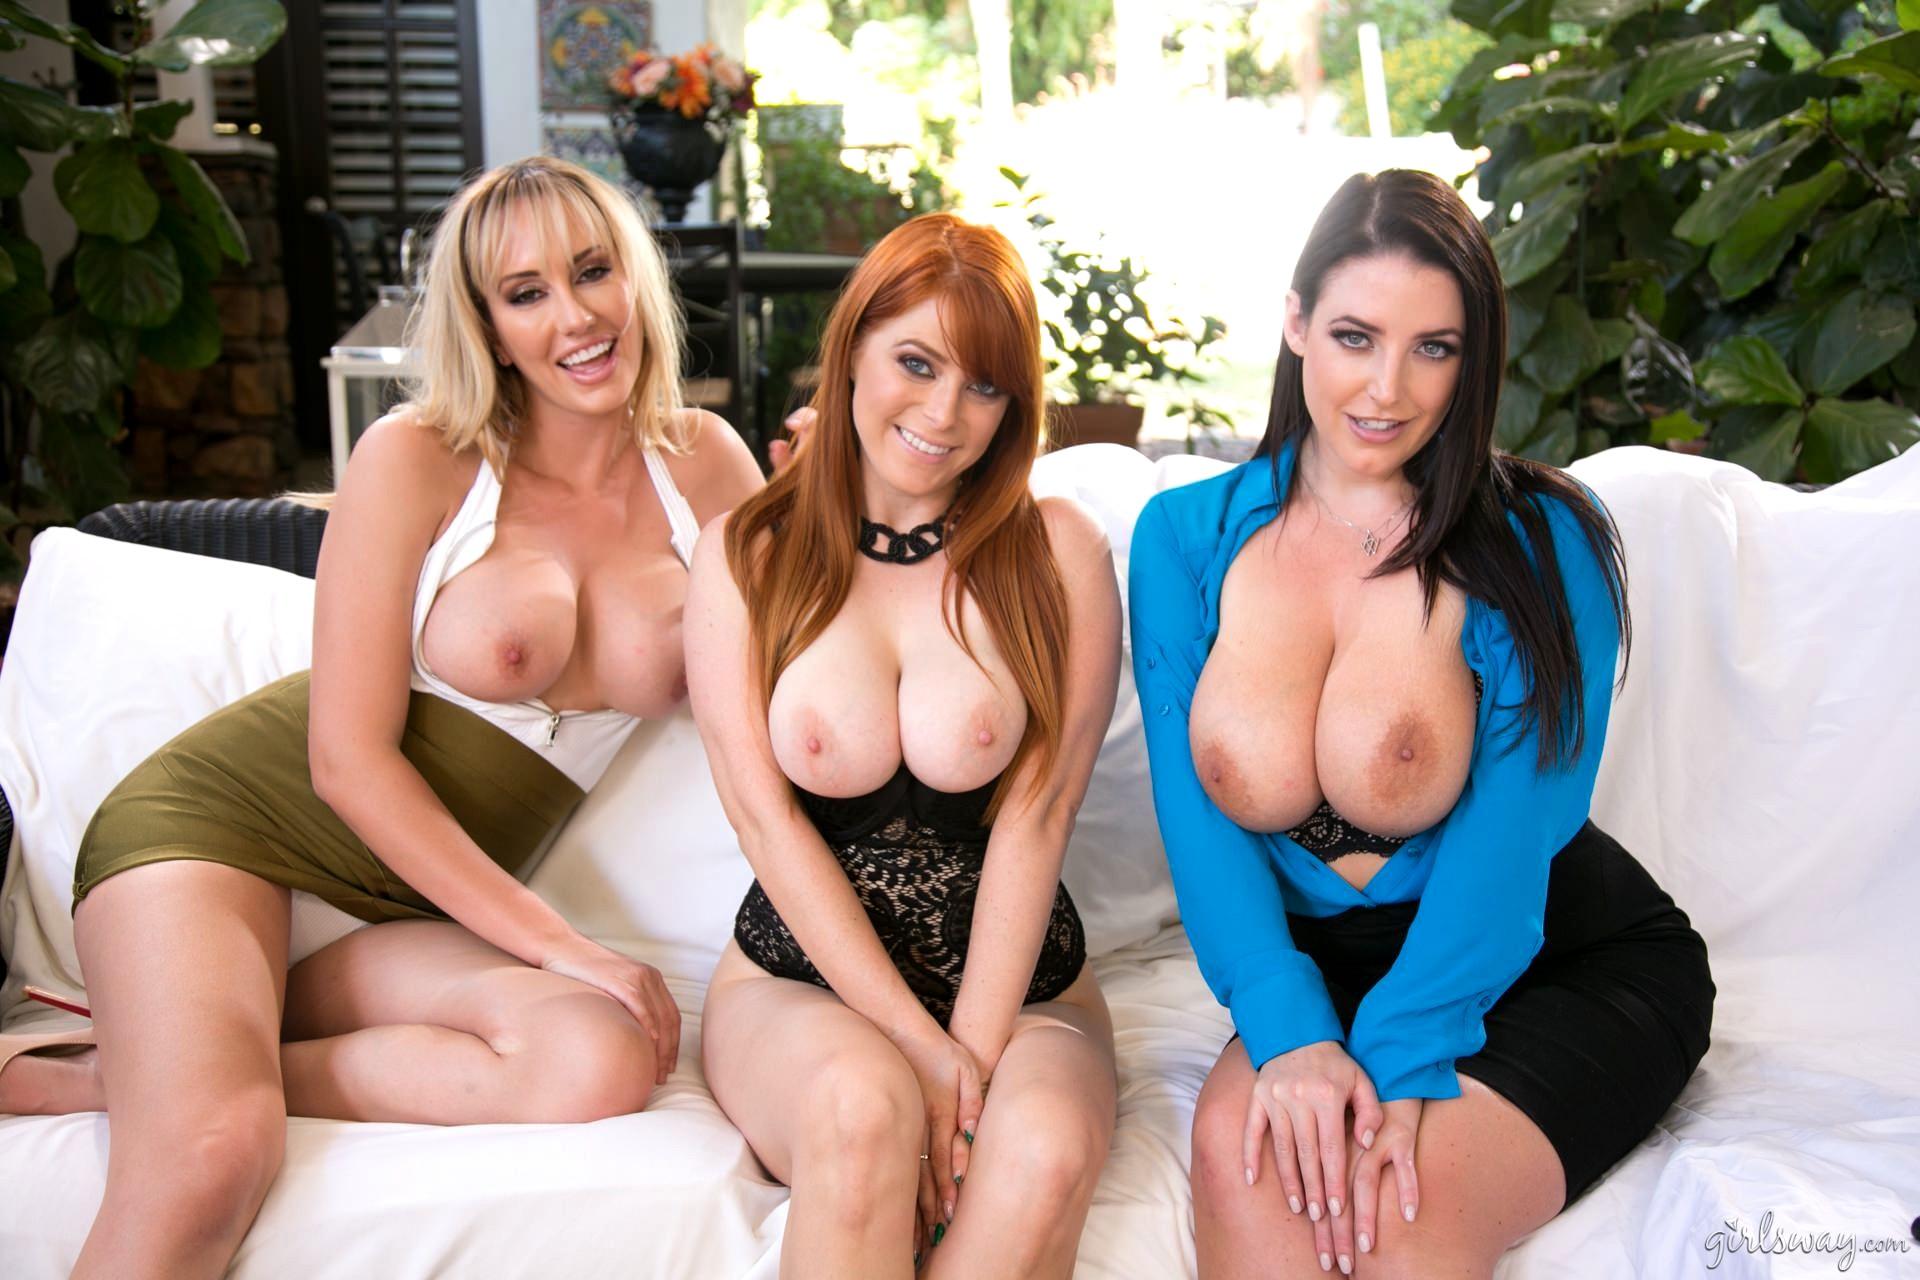 Big tits nympho lesbian babes